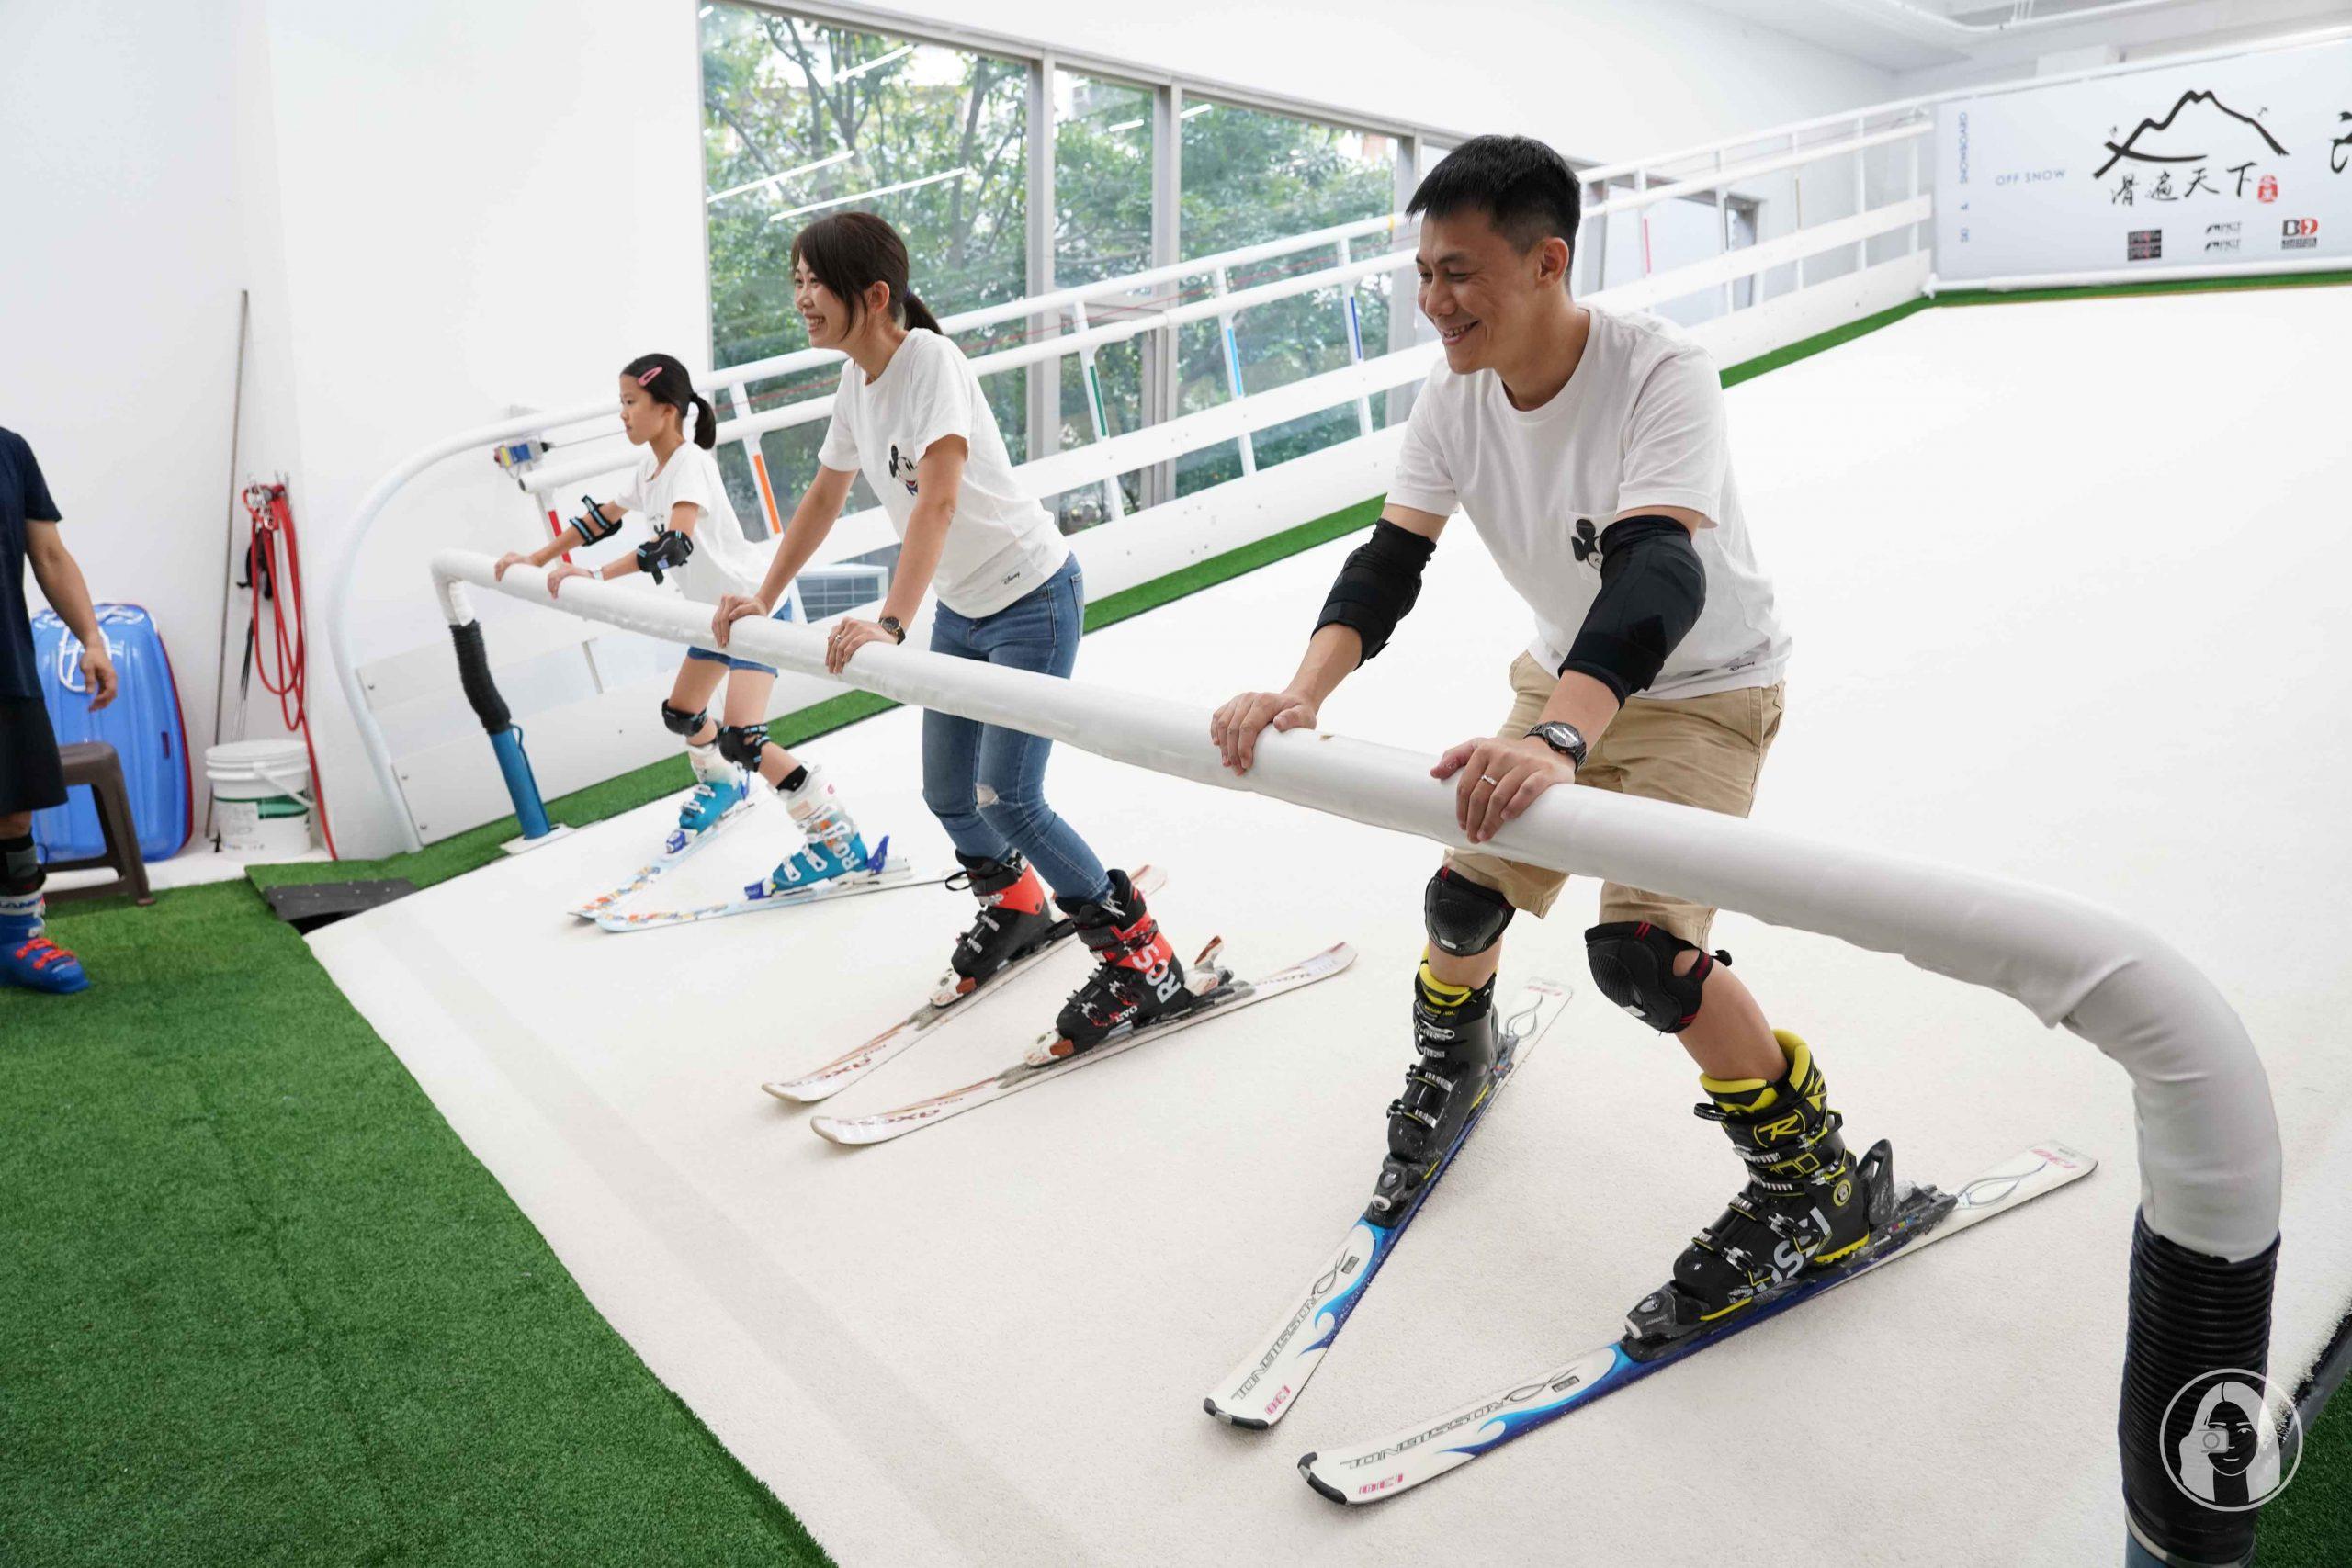 滑遍天下滑雪中心 ski 教學